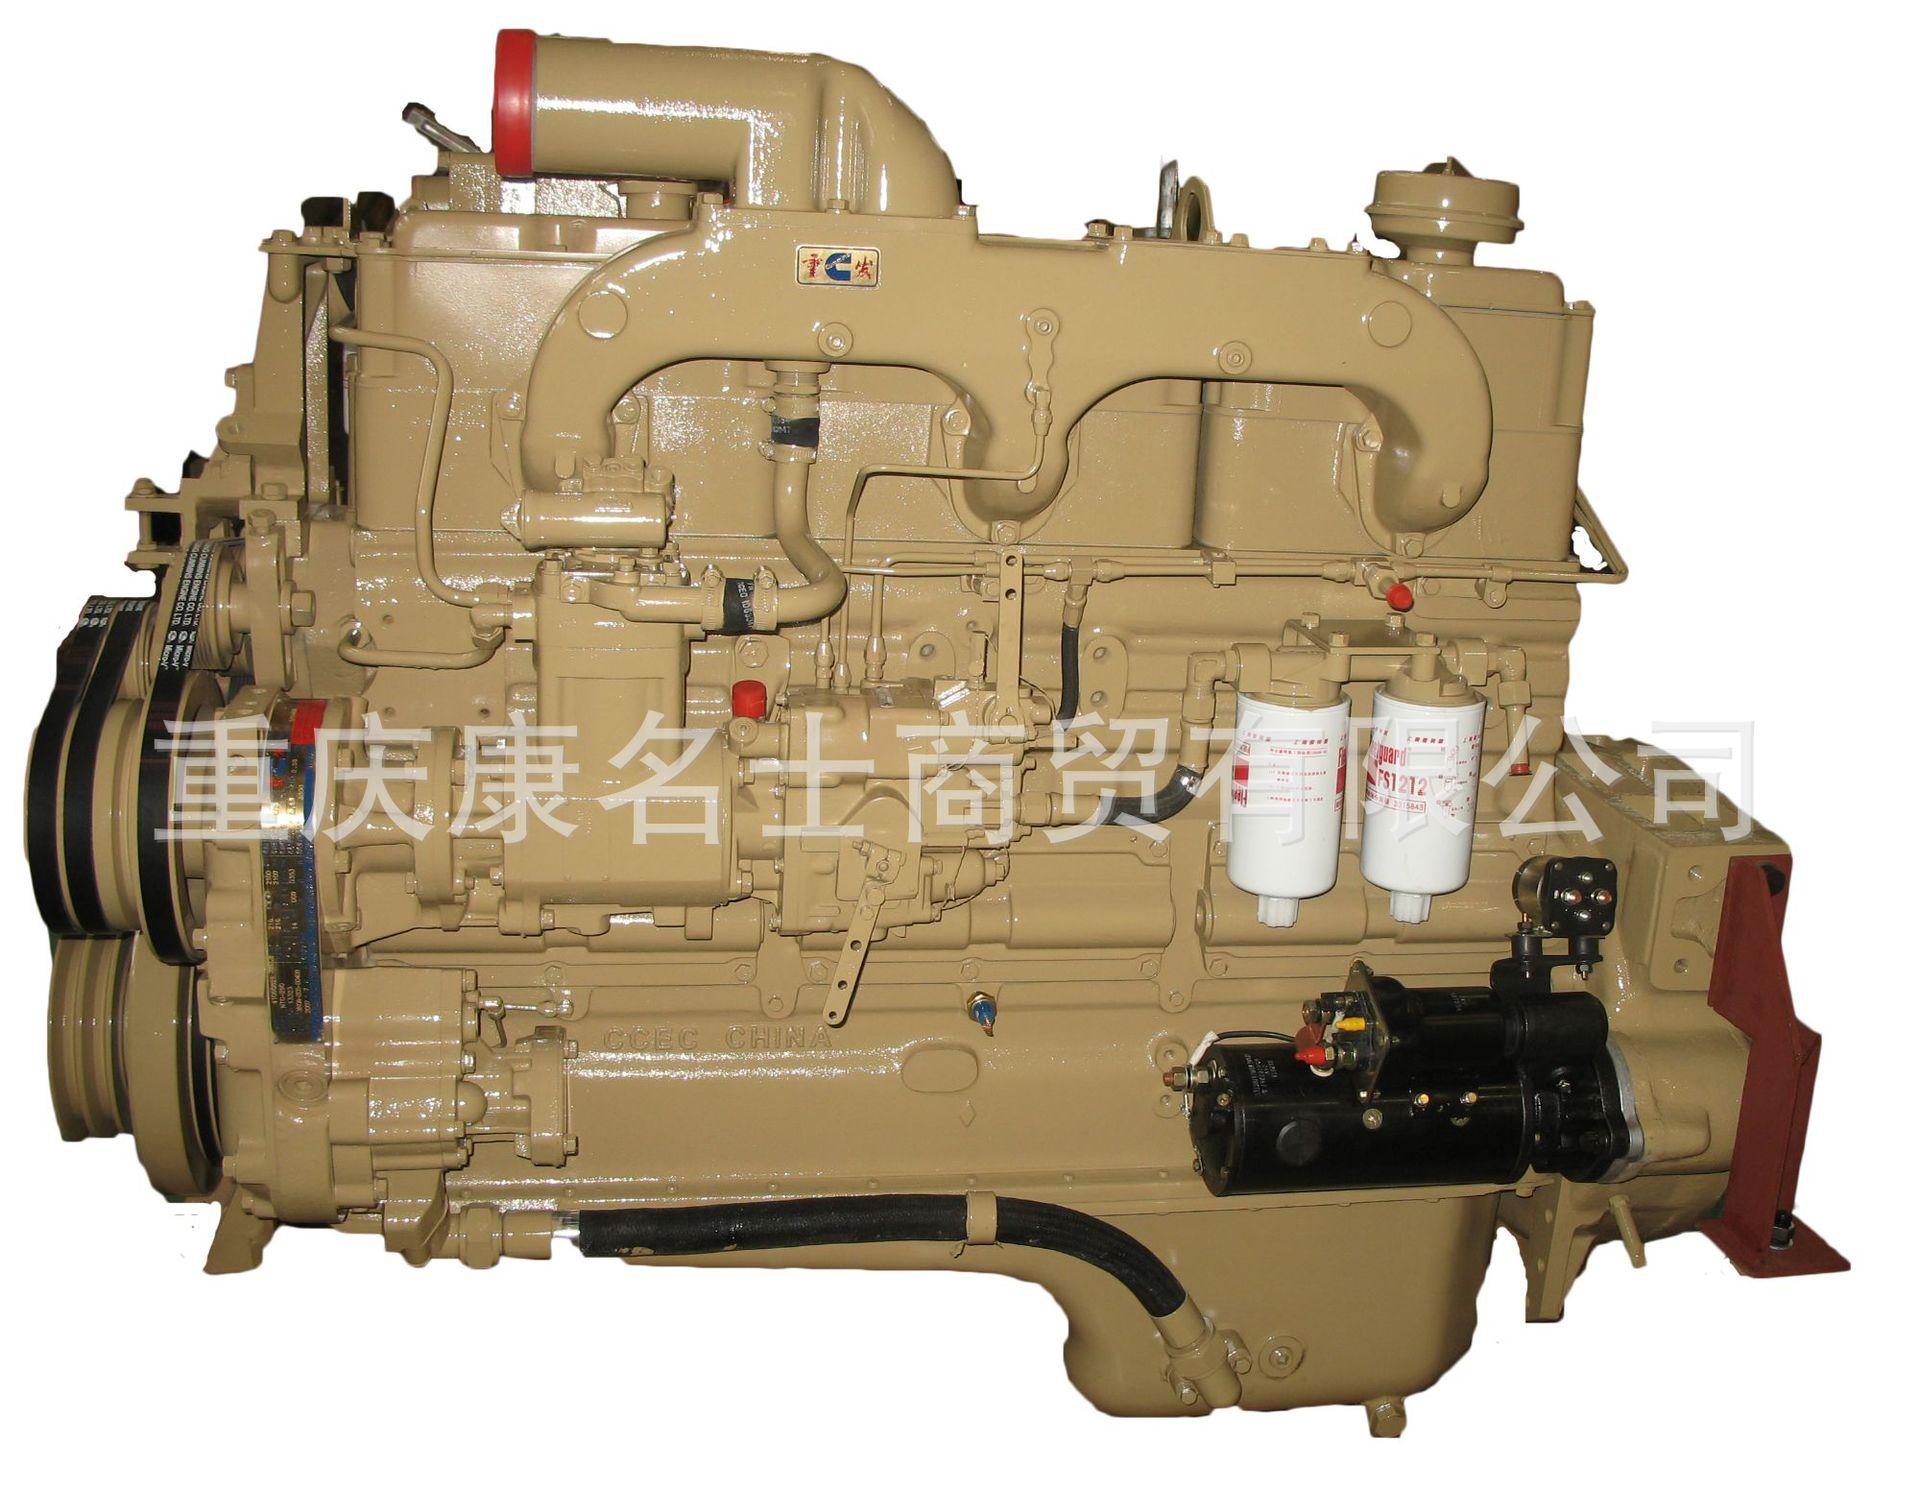 2896746康明斯汽缸体QSK19-M发动机配件厂价优惠